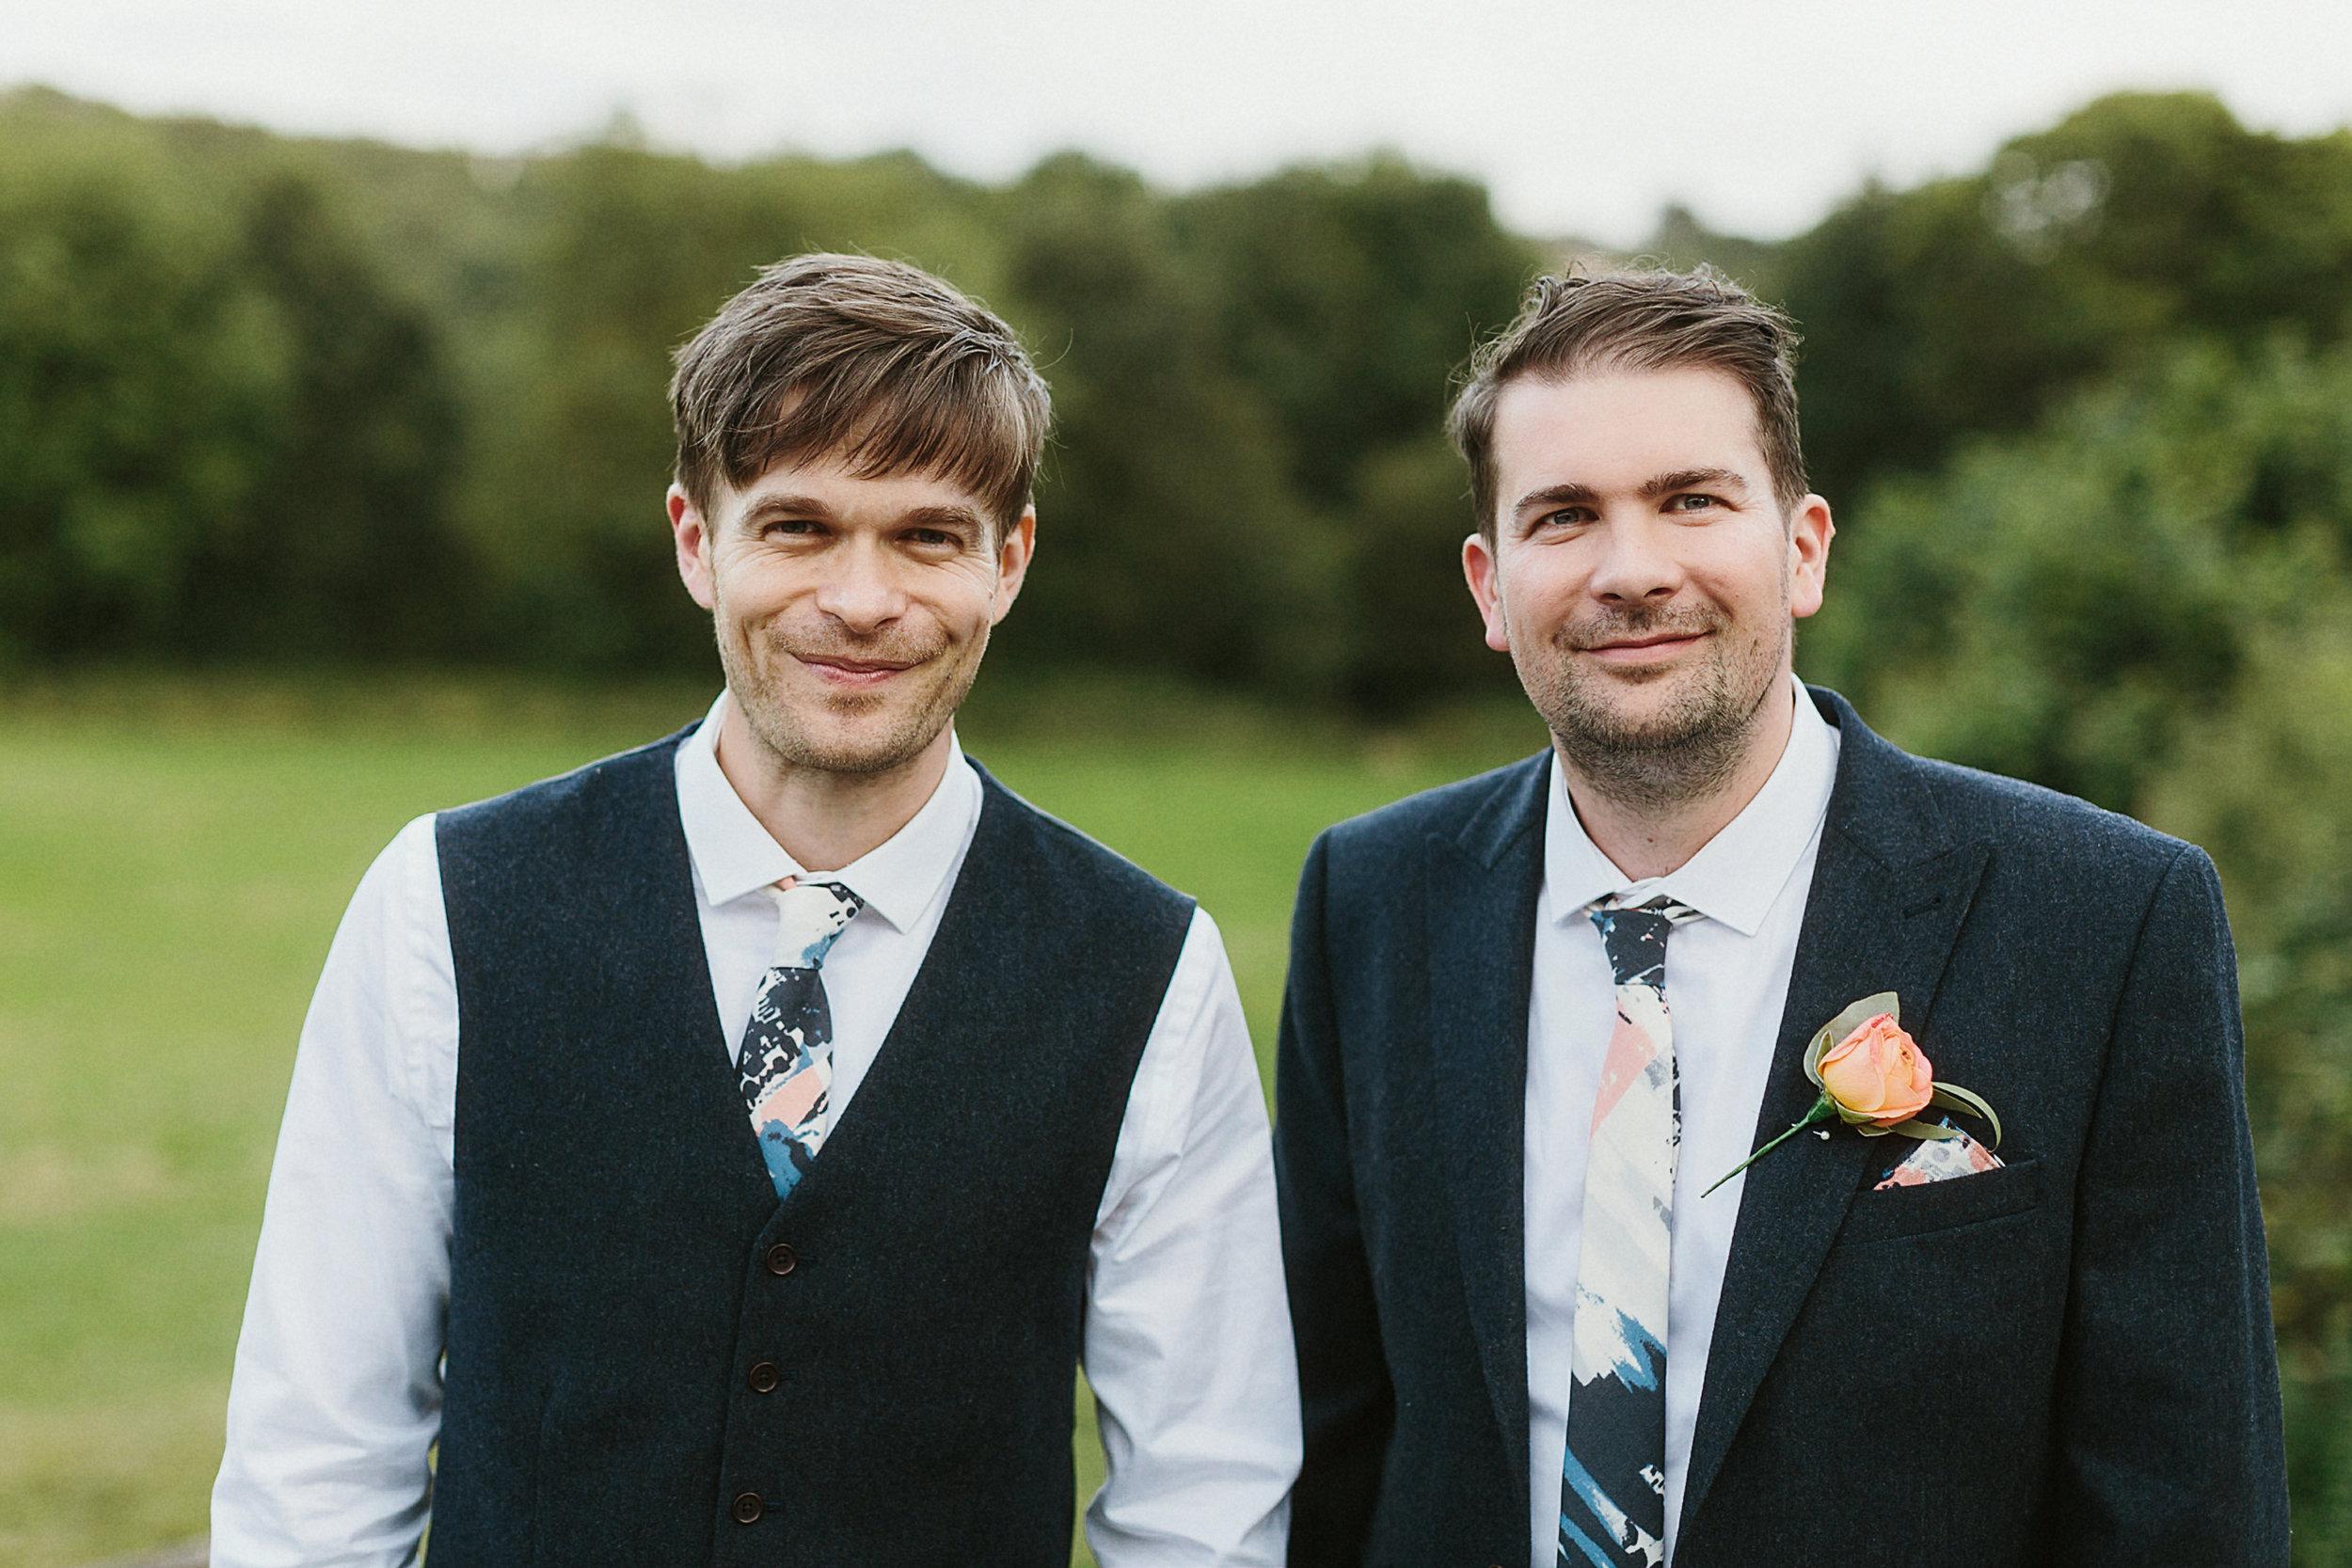 Liz + Chay's Wedding - Yorkshire / UK